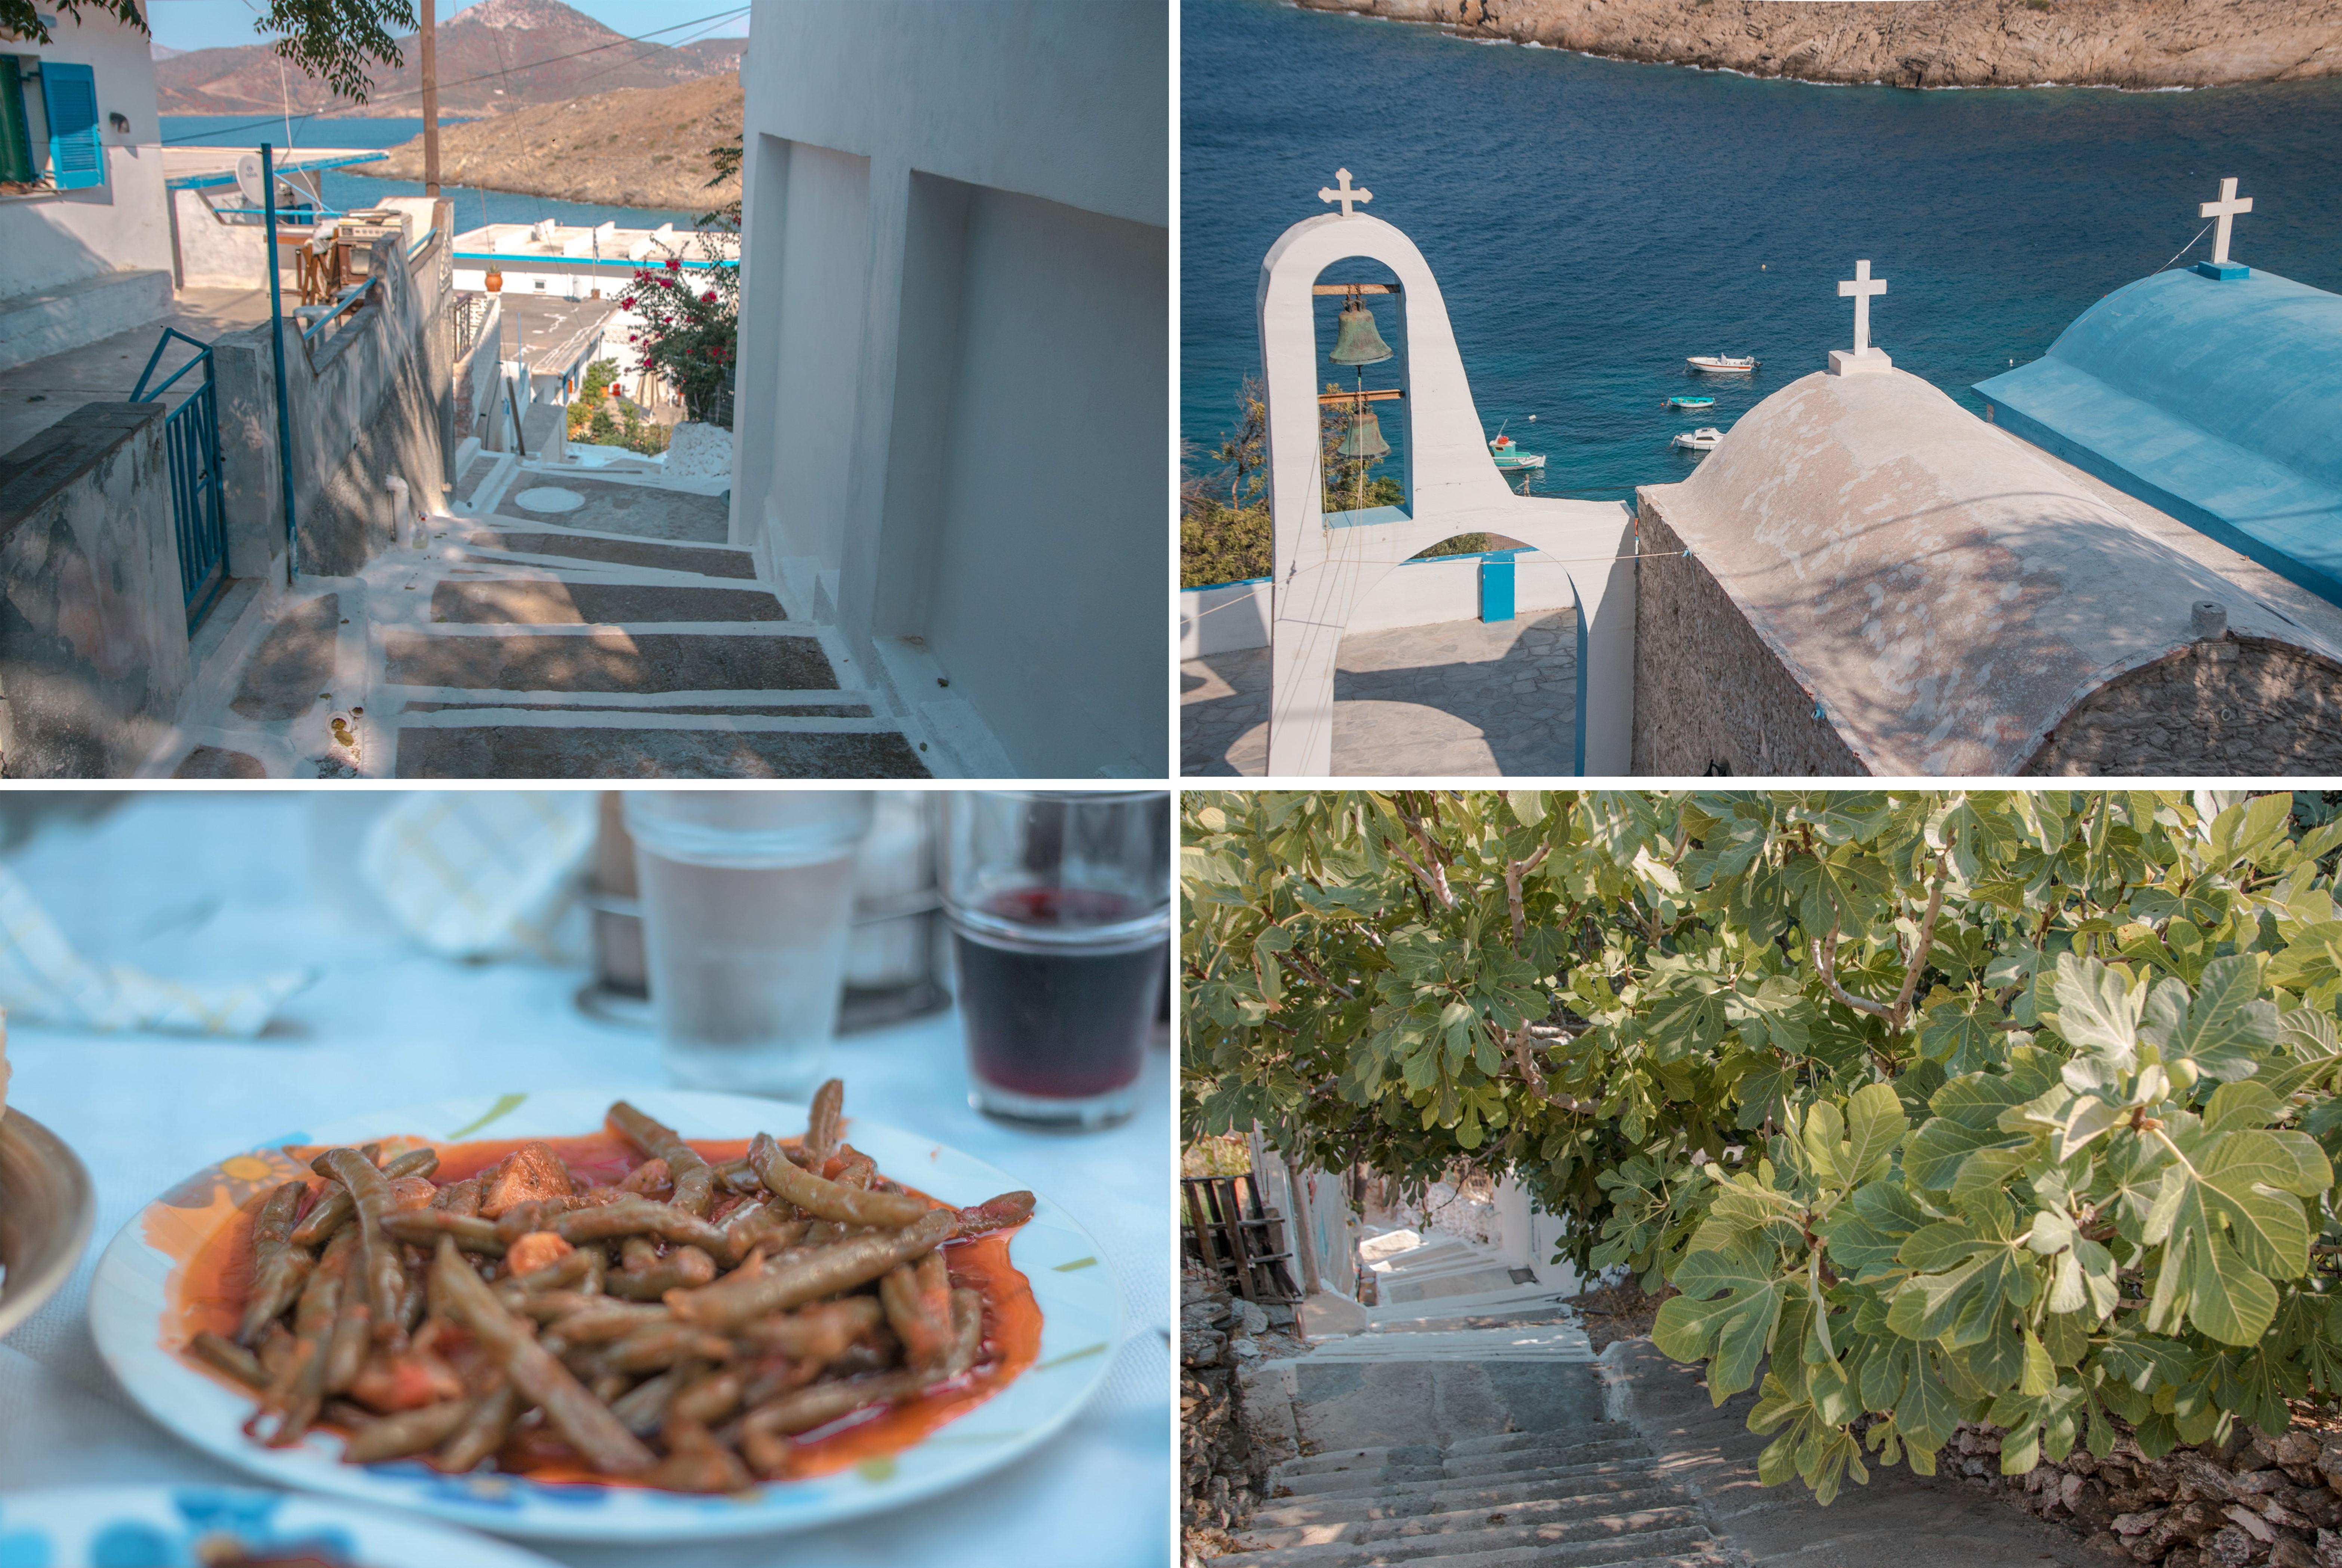 Inselhüpfen auf das Inselchen Thymena bei Fourni. Feigenbaum, viele Treppen, gekochte Fisolen und eine Kirche